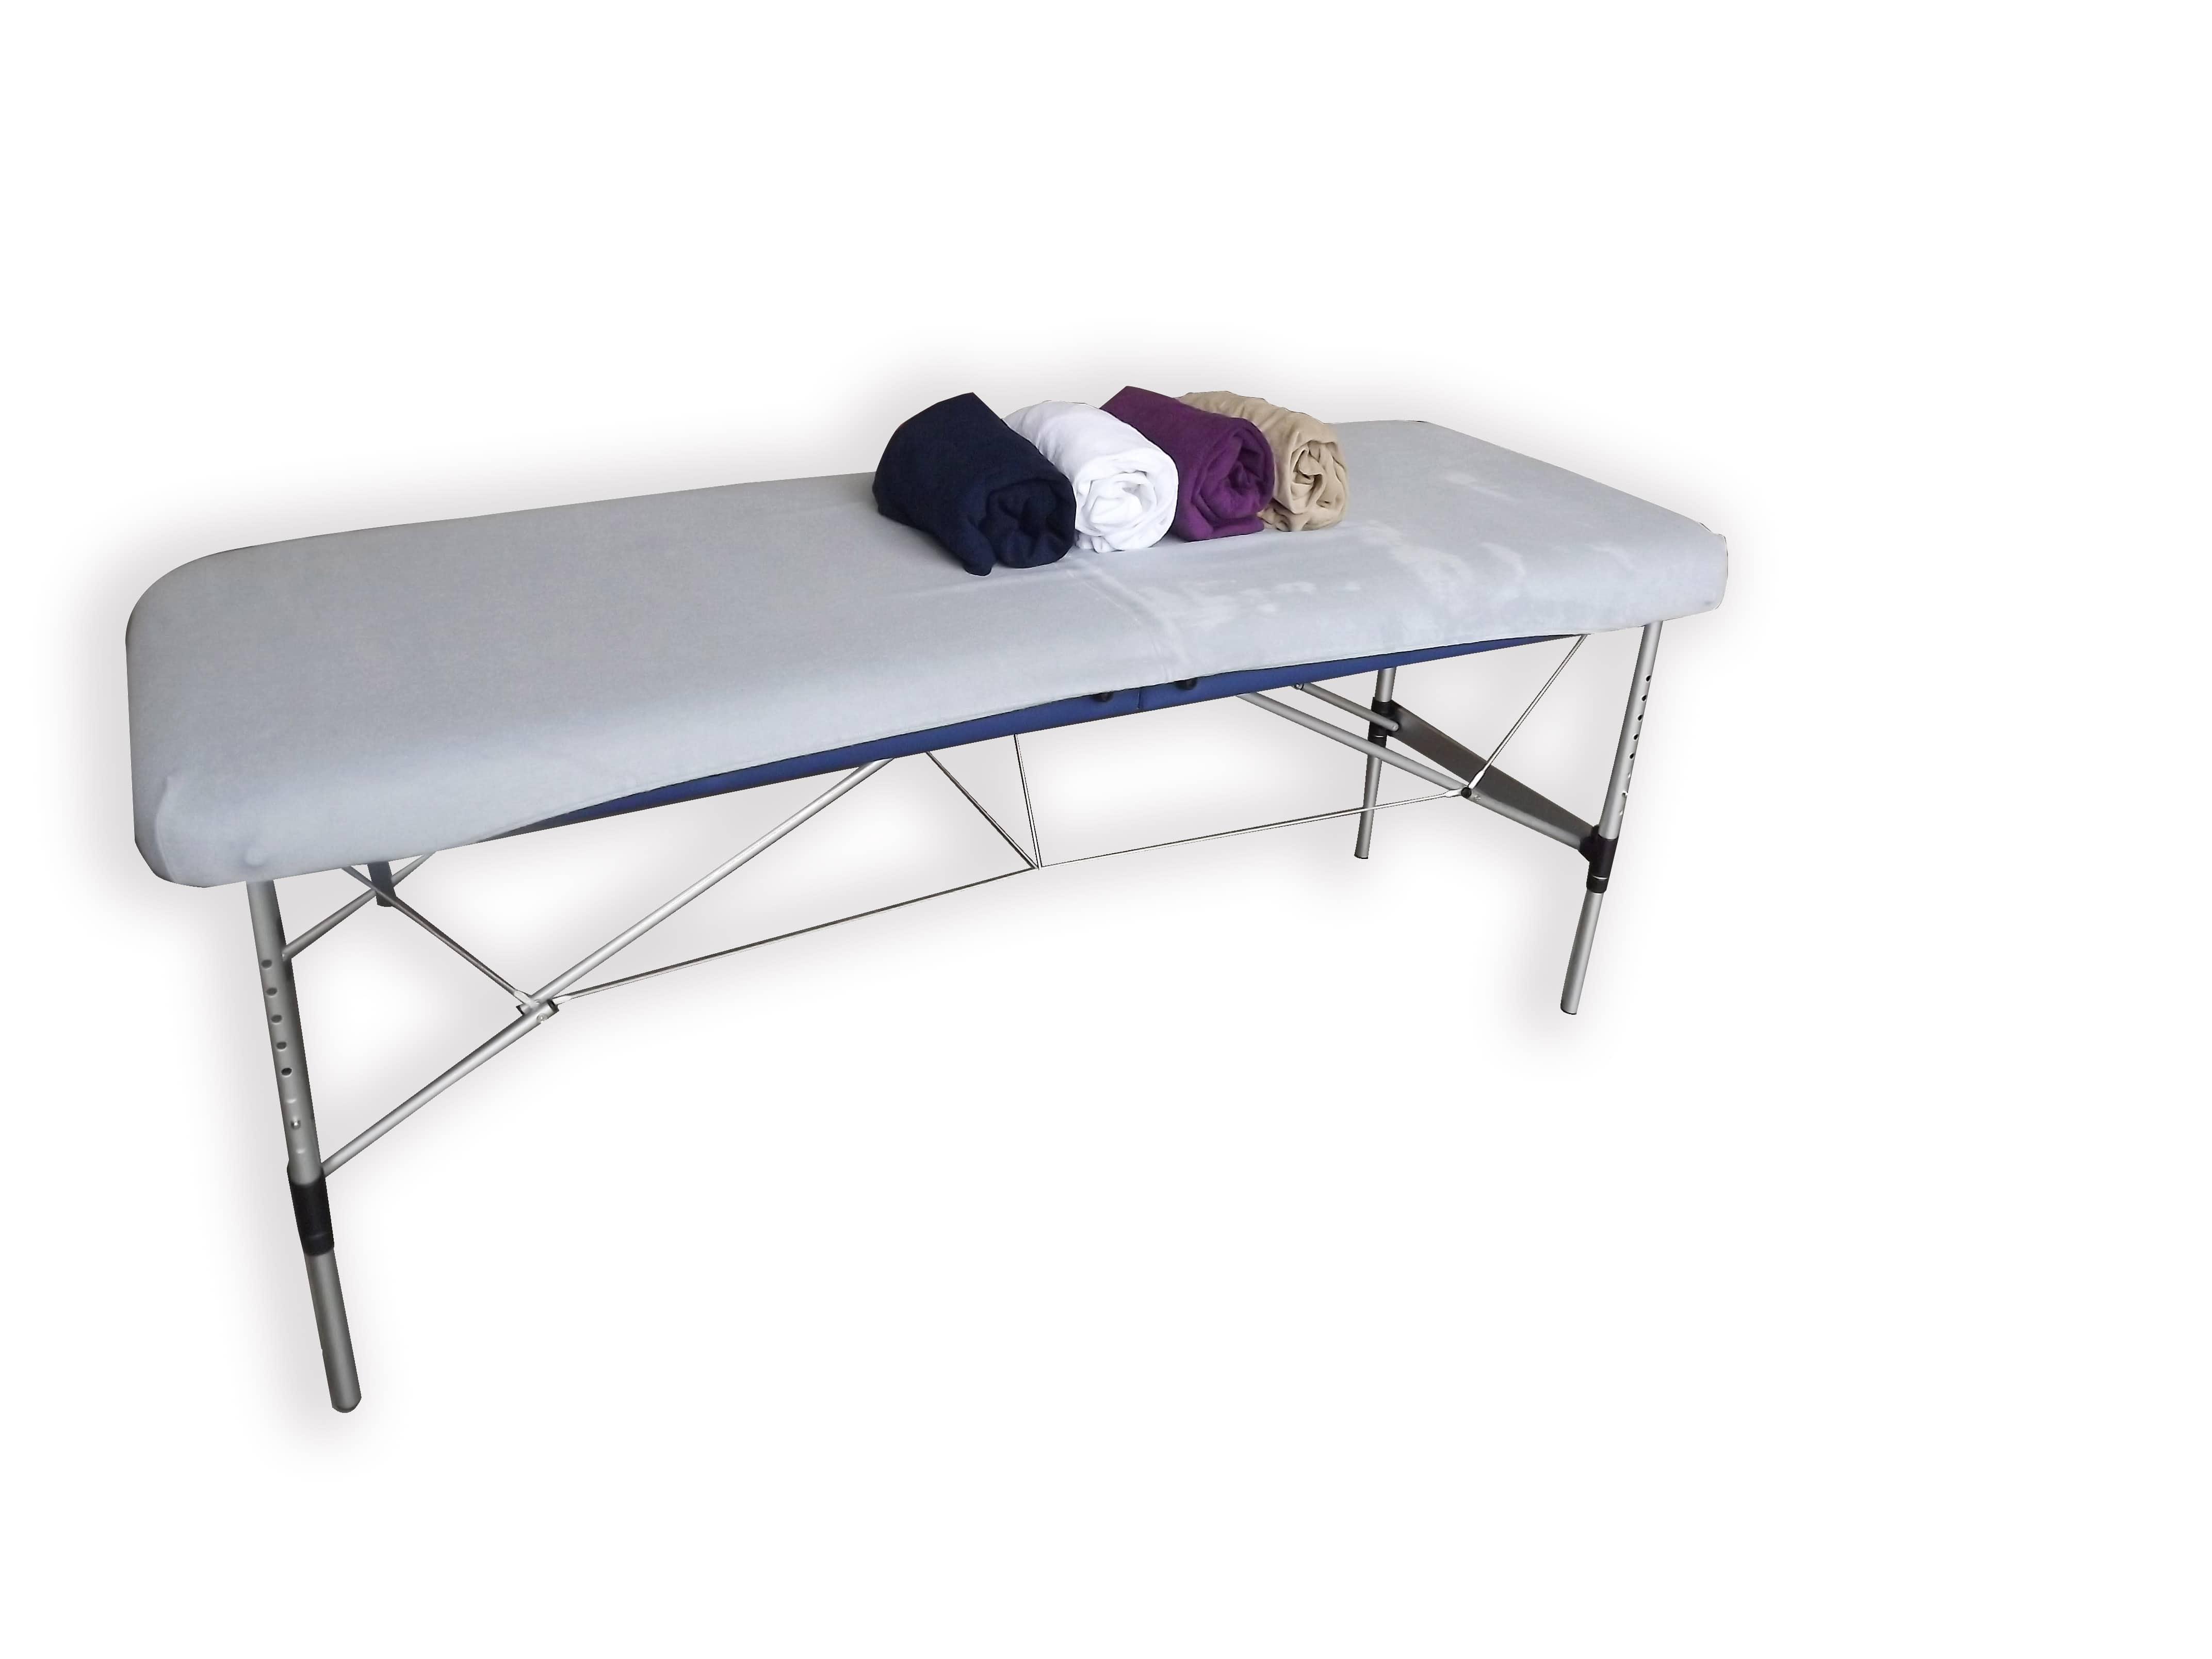 Copri Lettino Massaggio Spugna.Fodera Protettiva Di Spugna Per Lettino Da Massaggio Mediprem A